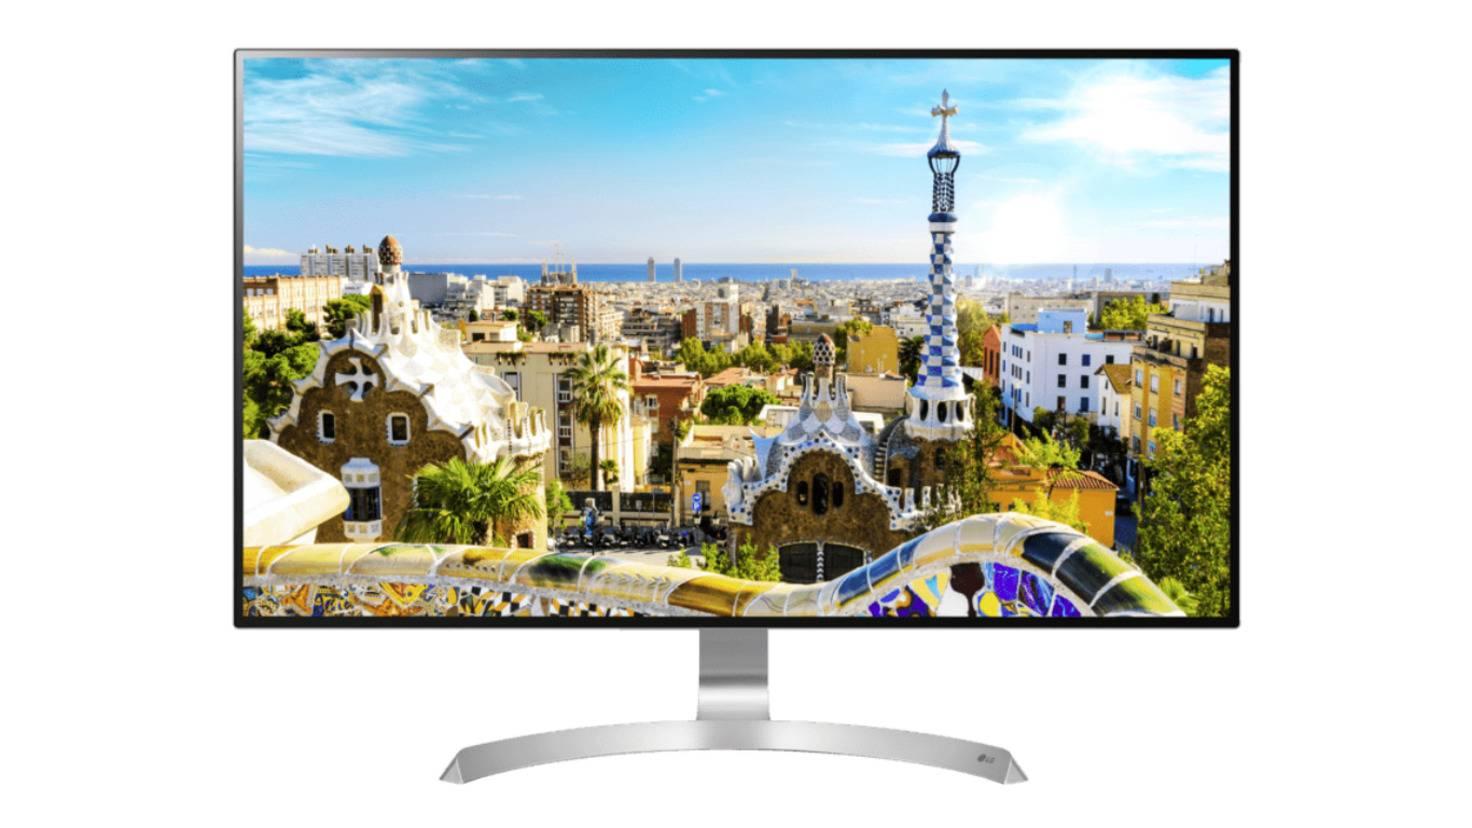 LG-32UD99-W-Monitor